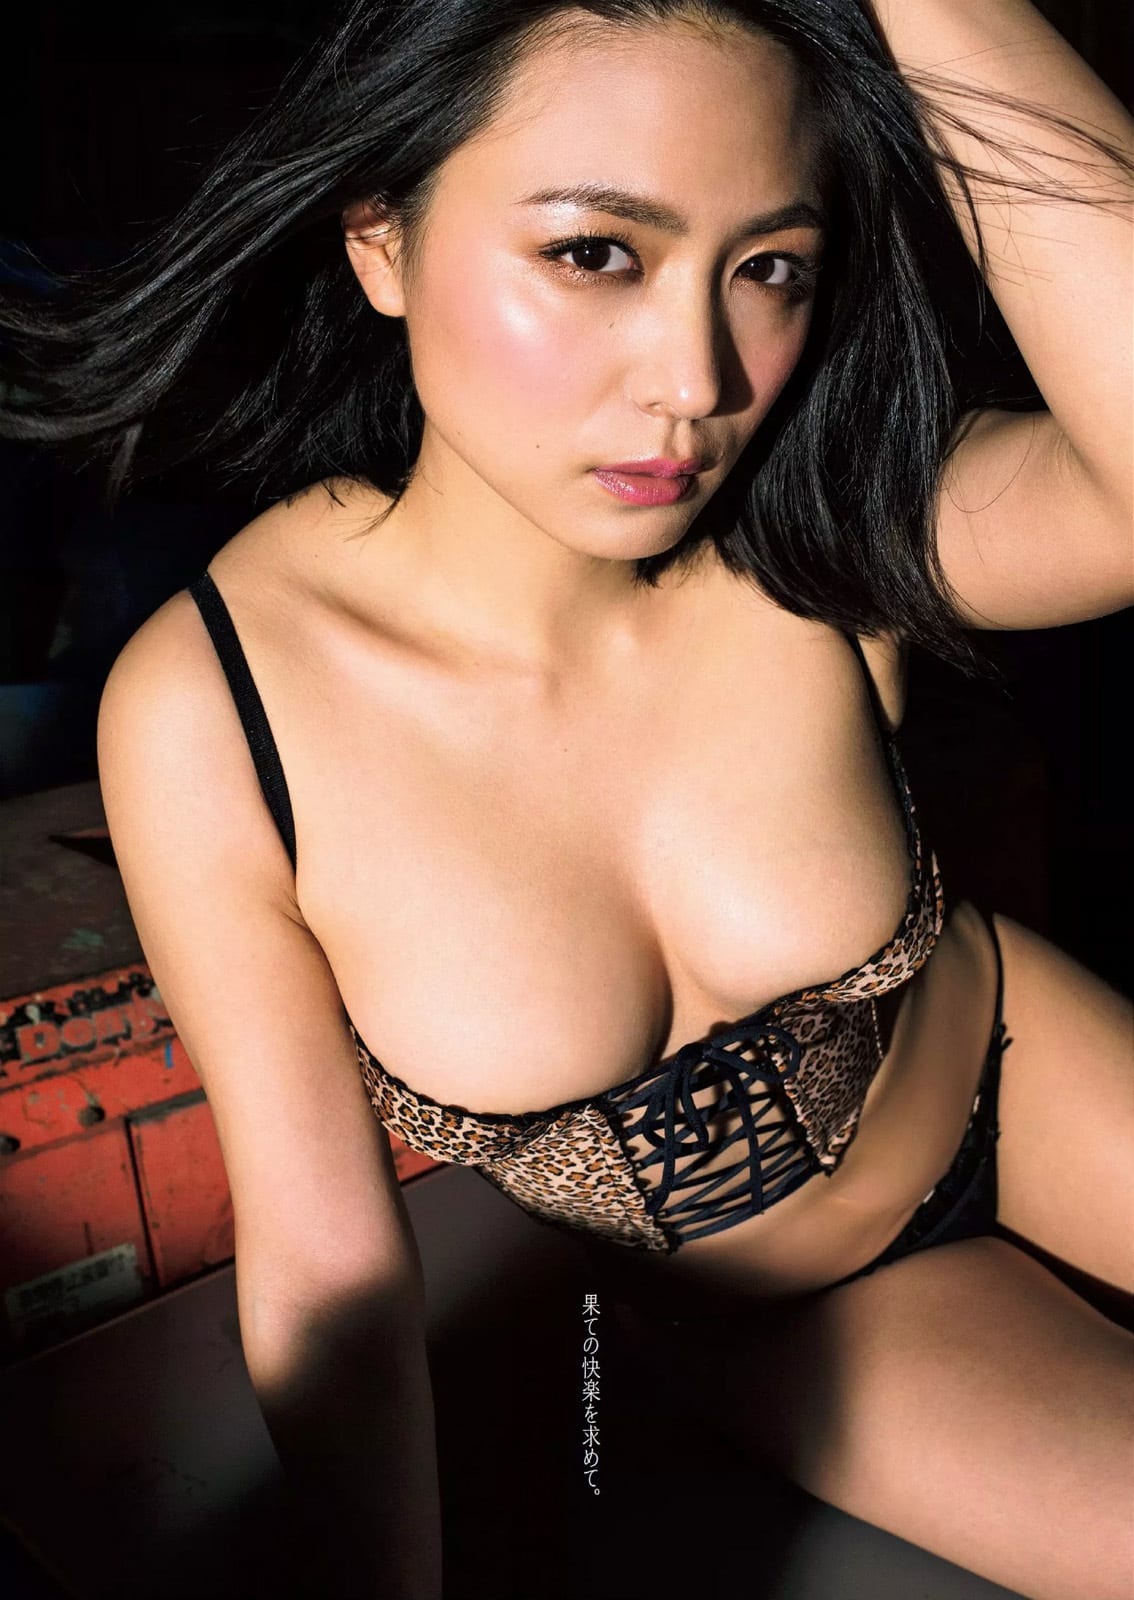 「週刊プレイボーイ 2016 No.27」川村ゆきえの水着グラビア